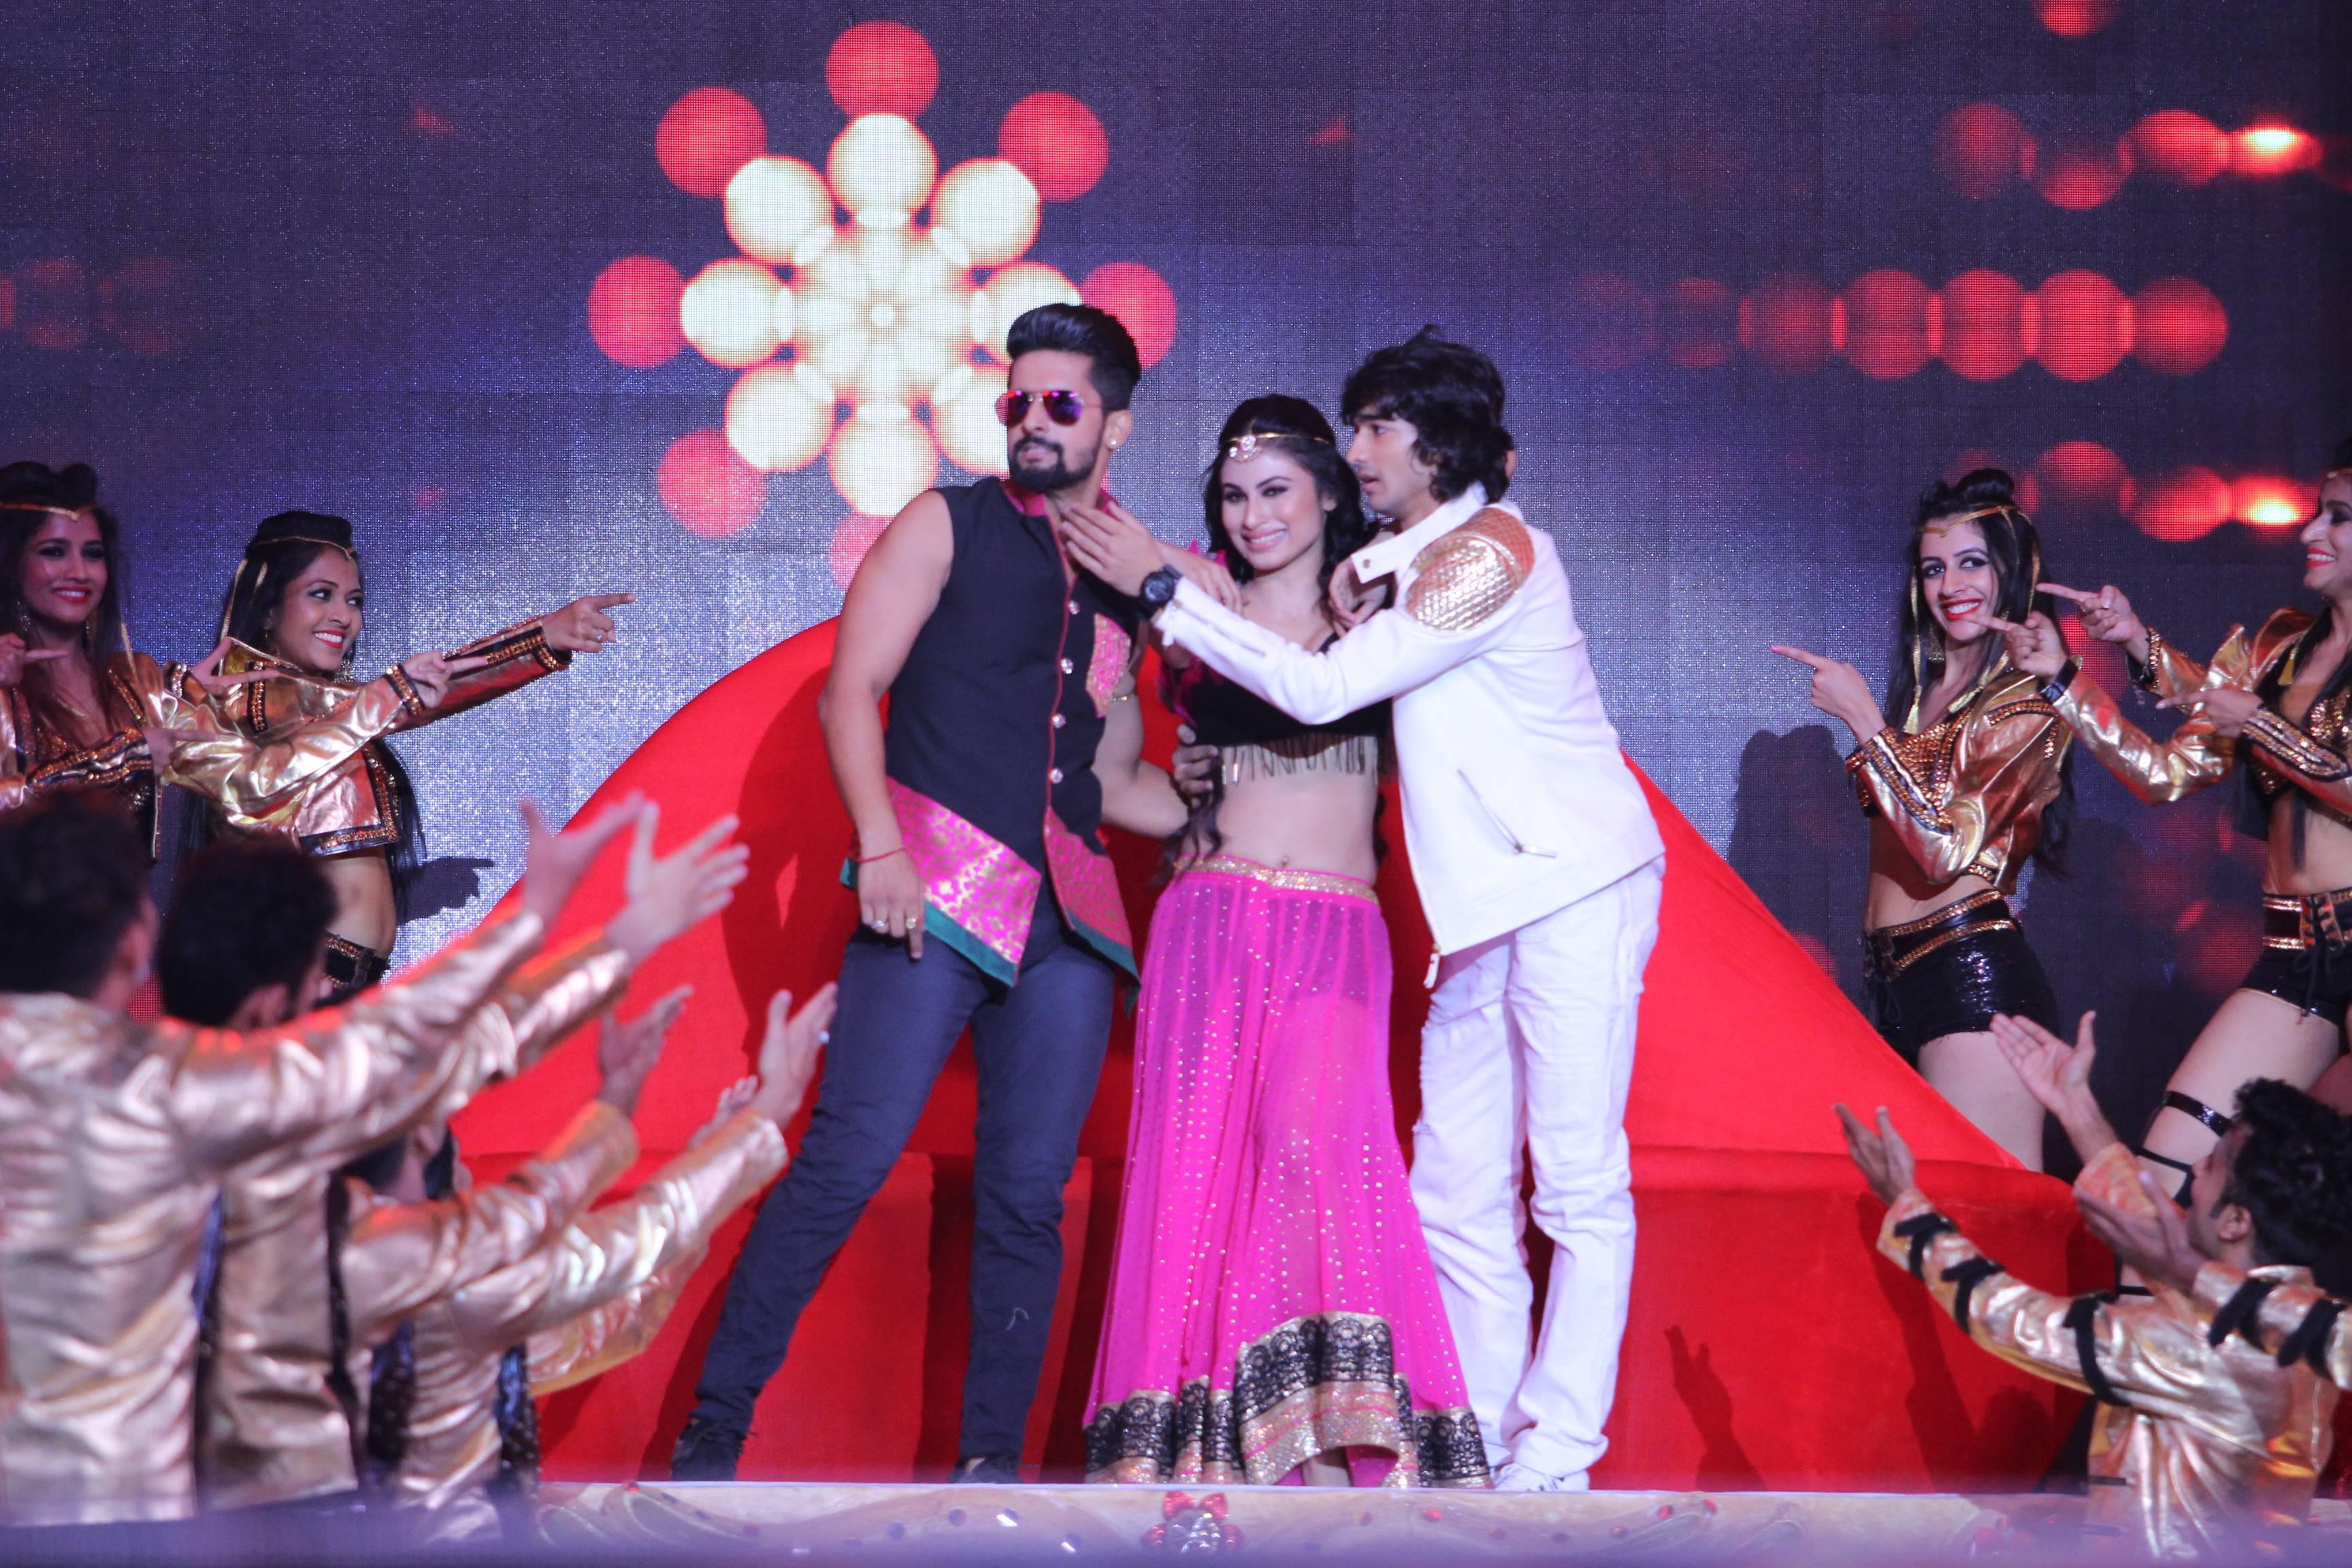 ITA Awards, 2017: When Mouni Roy, Shantanu Maheshwari & Ravi Dubey set the stage on fire!